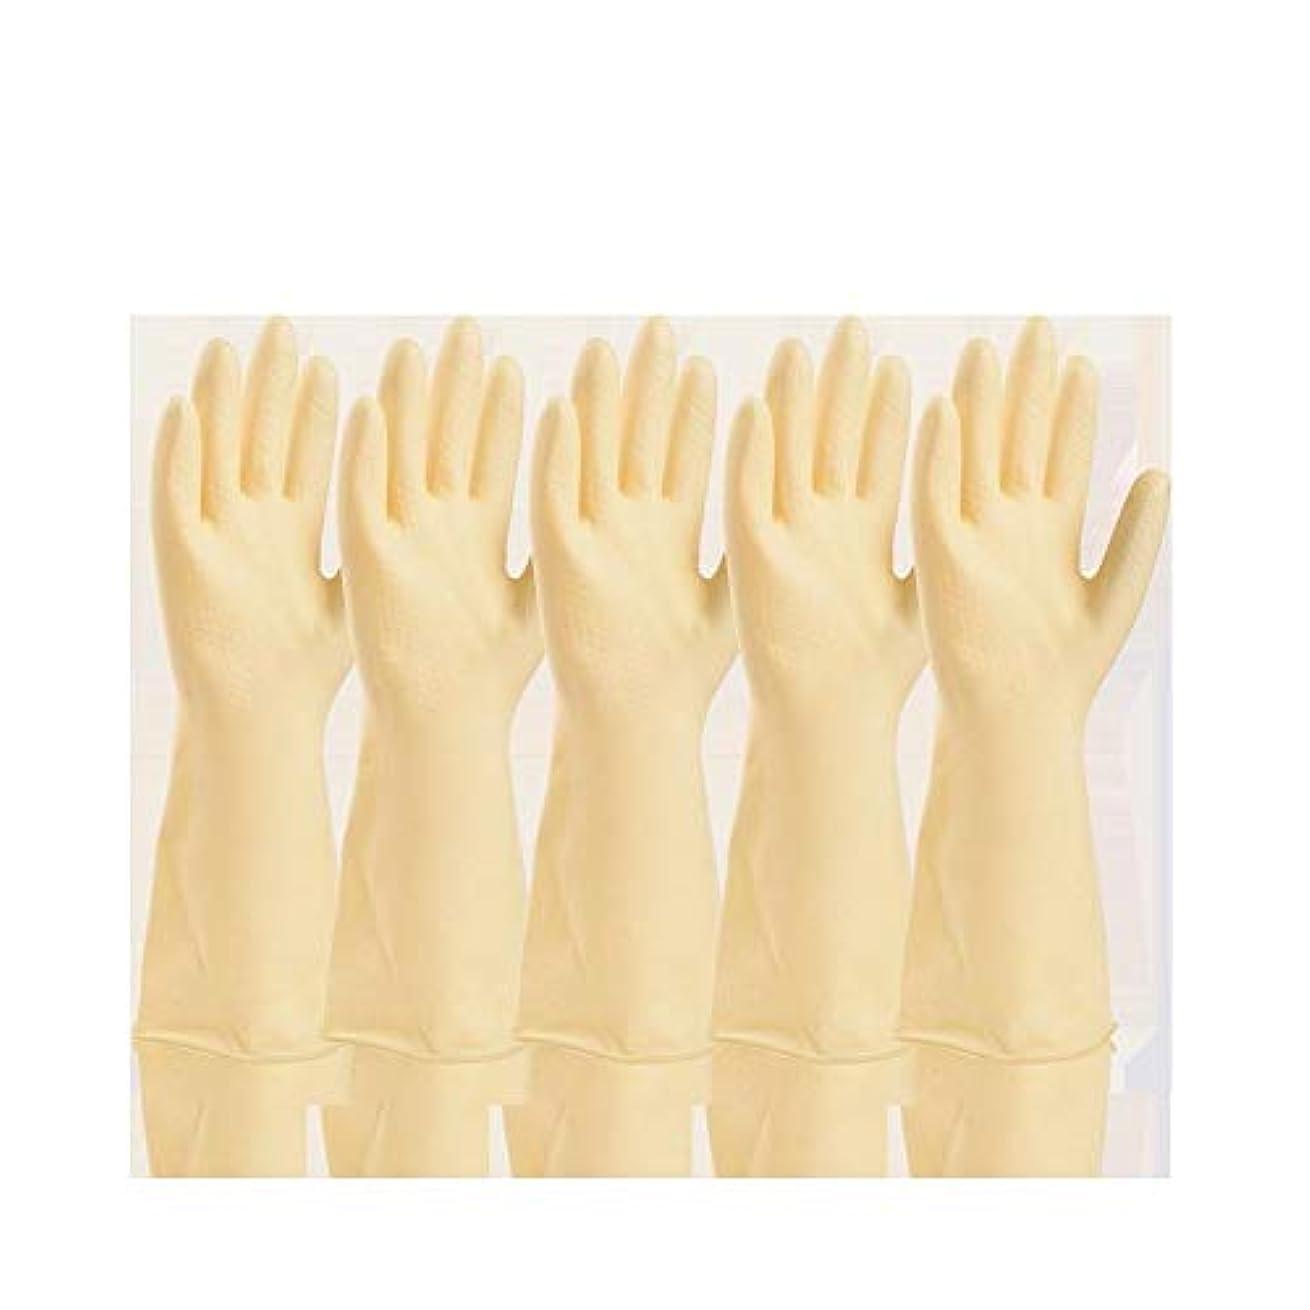 致命的花輪いろいろ使い捨て手袋 工業用手袋厚手のプラスチック製保護用耐水性防水ラテックス手袋、5ペア ニトリルゴム手袋 (Color : White, Size : S)